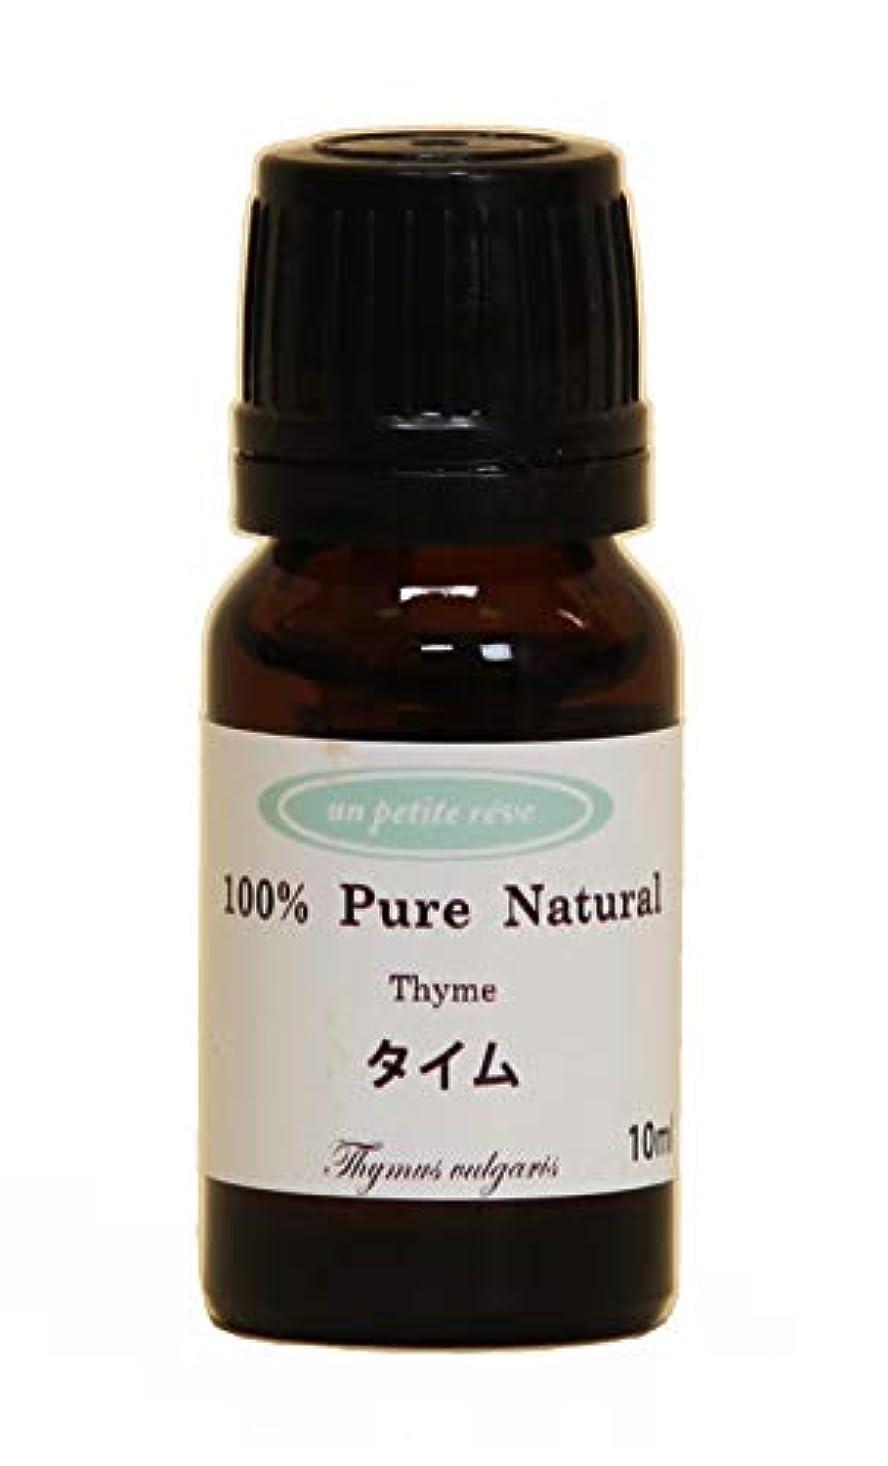 対応フルーツ野菜瞑想するタイム  10ml 100%天然アロマエッセンシャルオイル(精油)